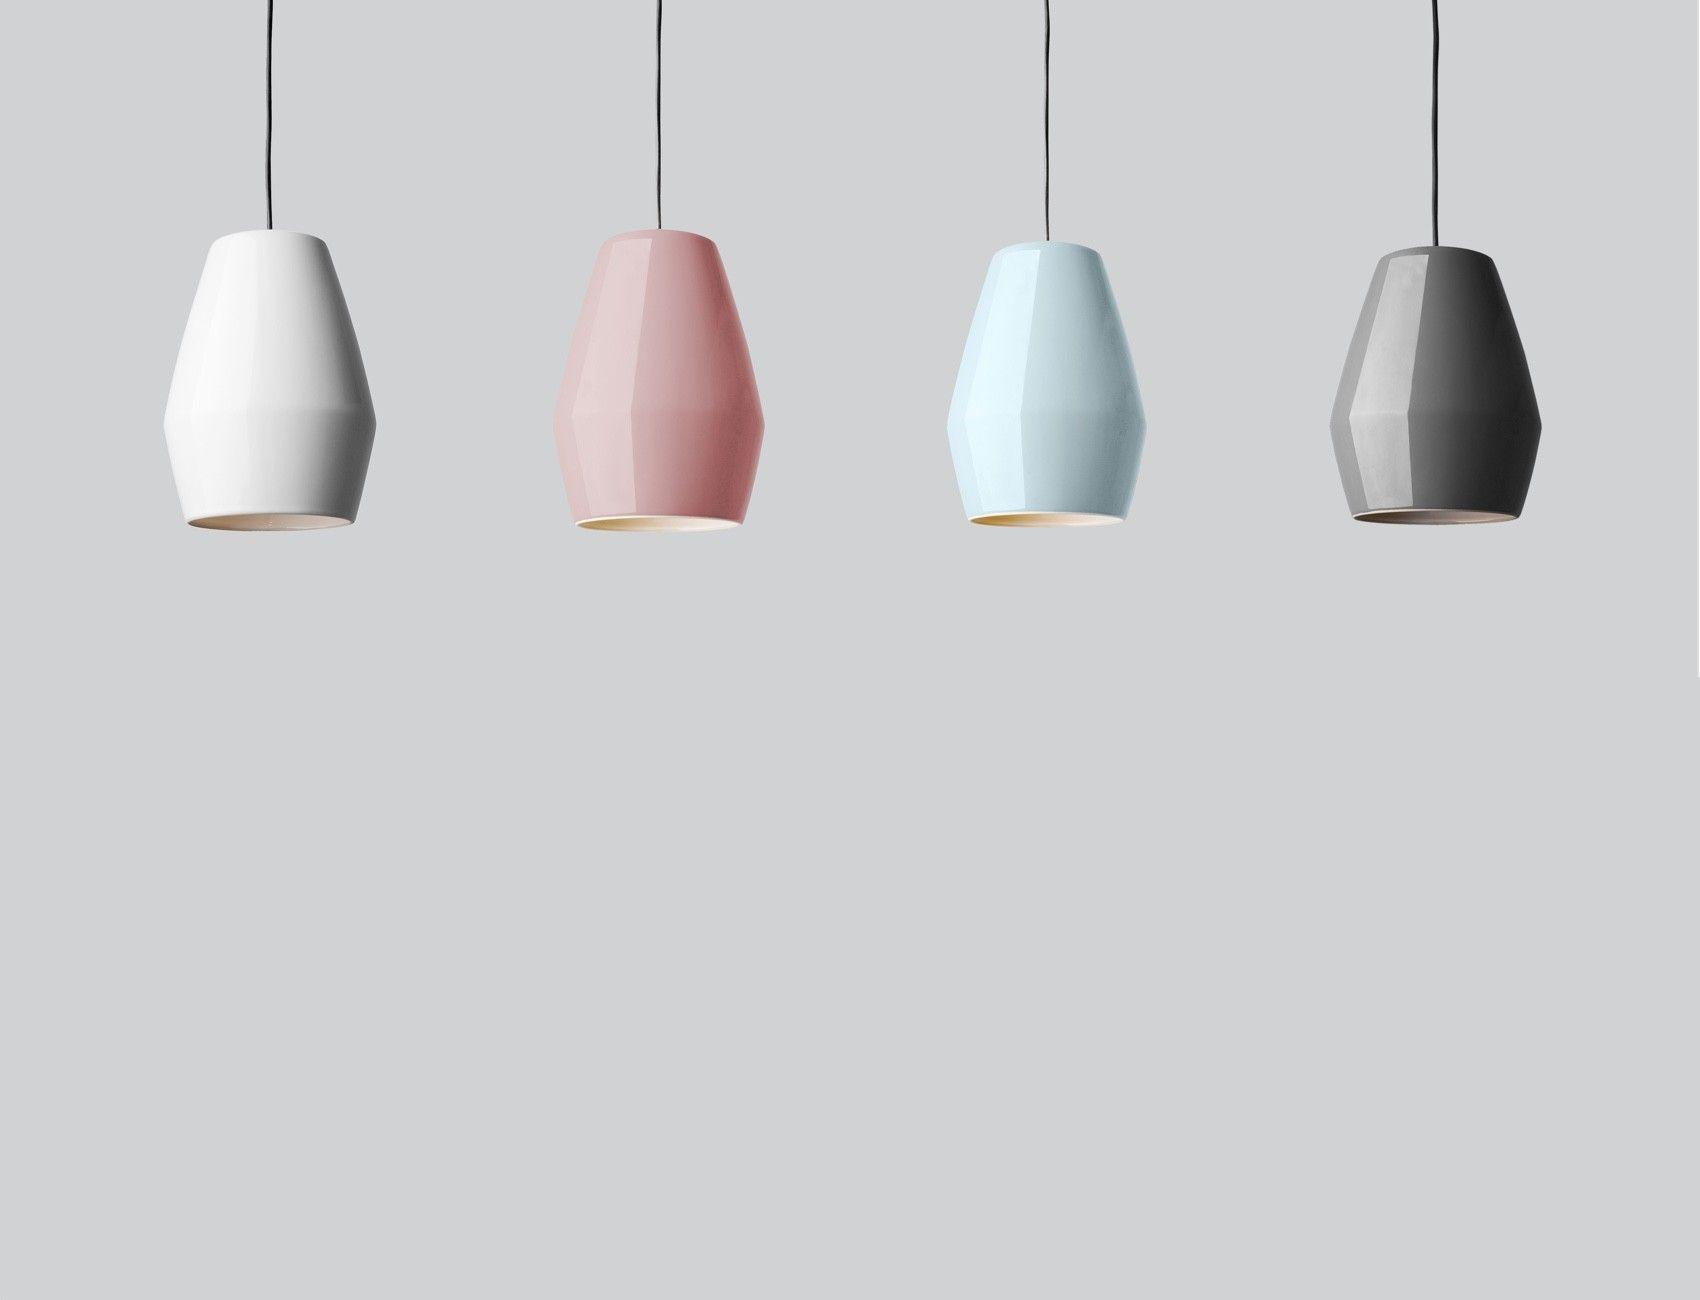 Northern Lighting Bell Pendant Light Funktion Alley Porcelain